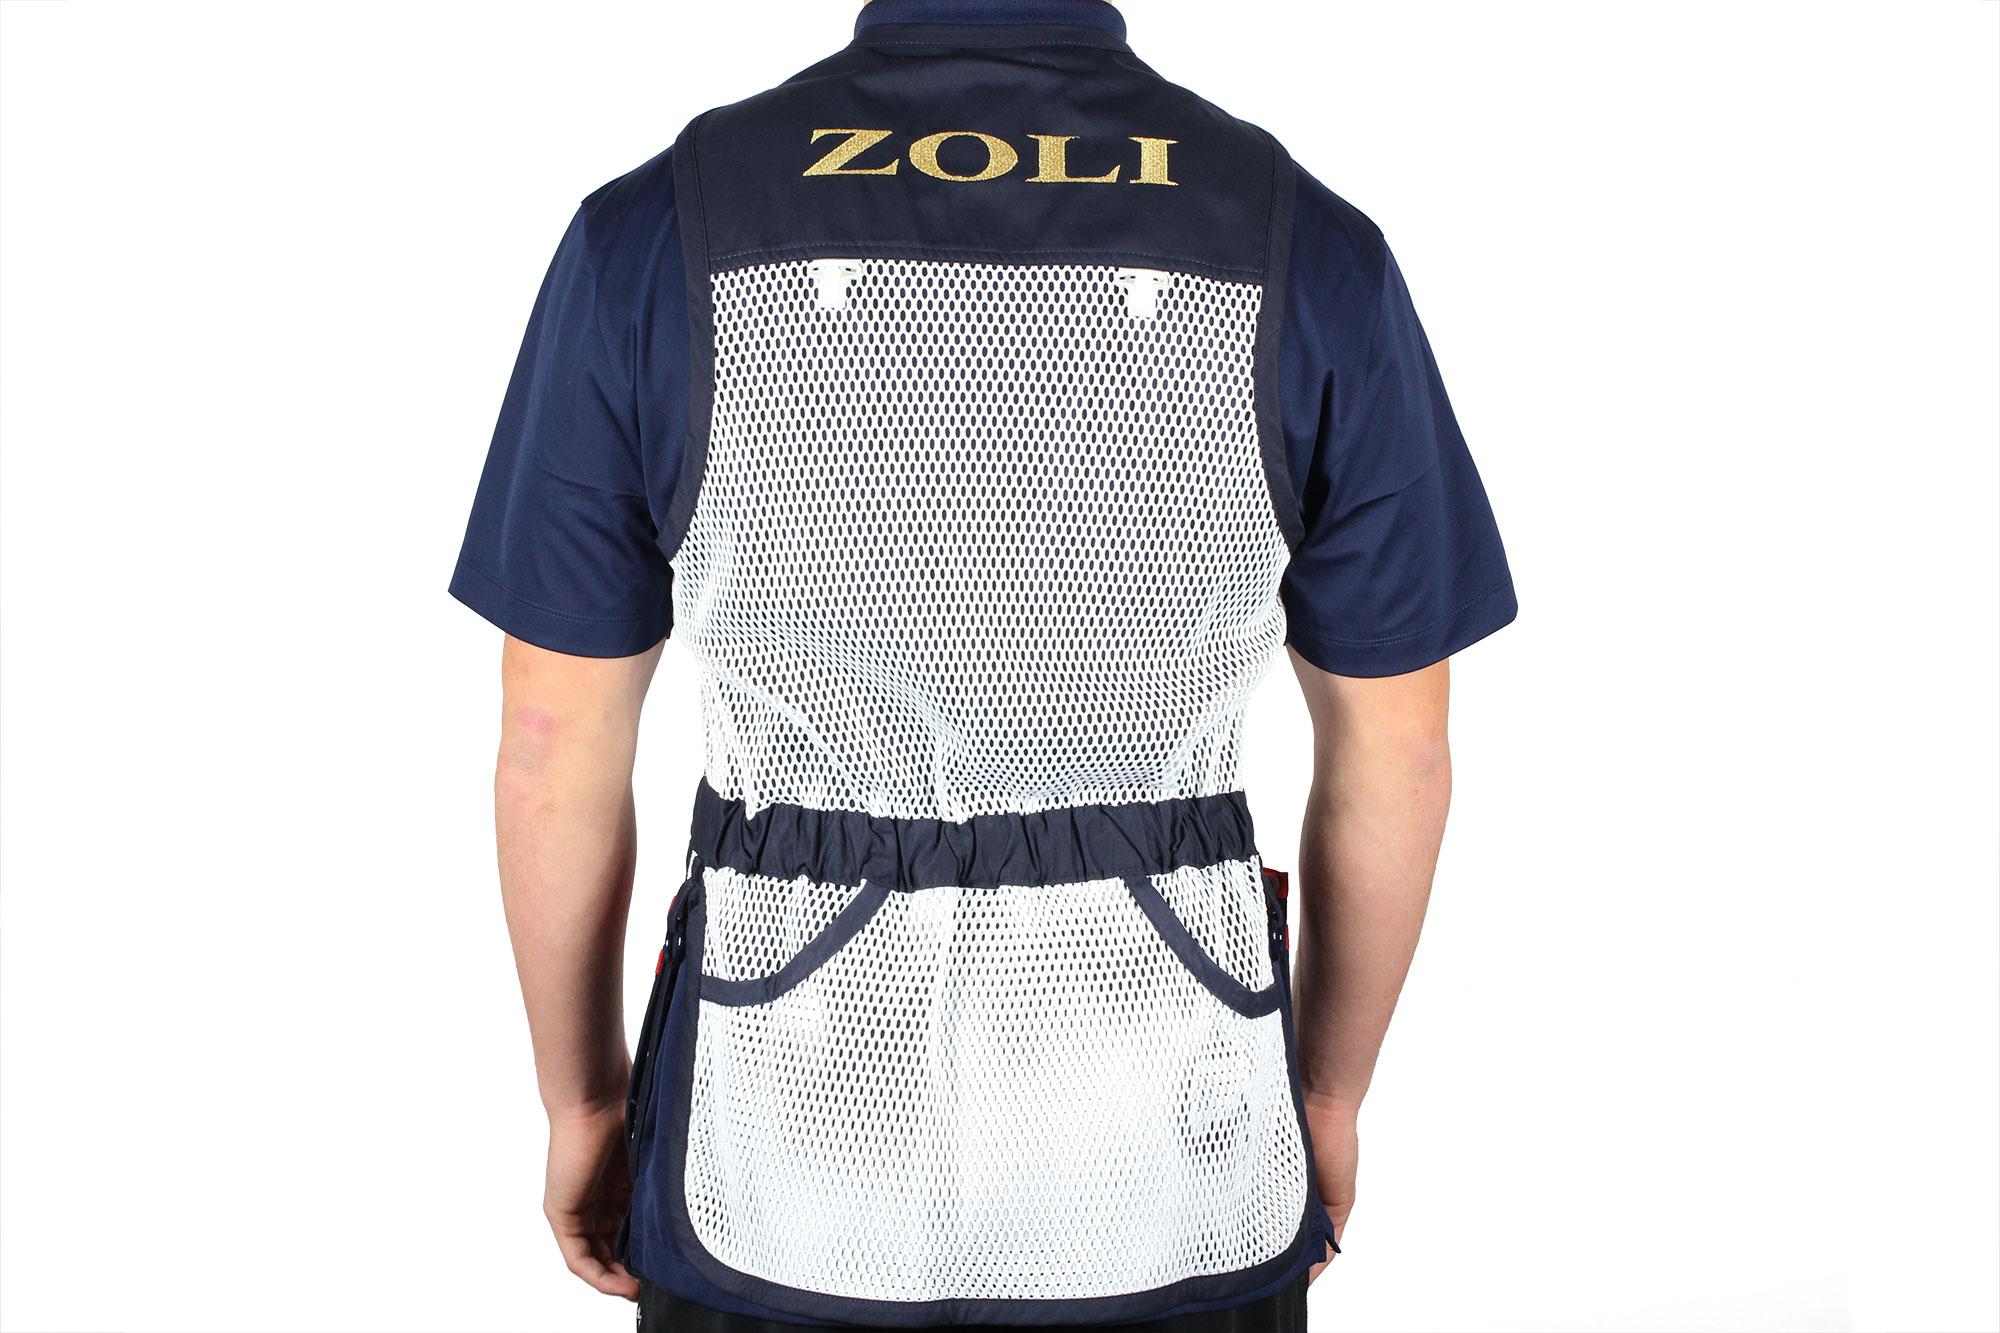 Zoli Shooter Vest By Castellani Back